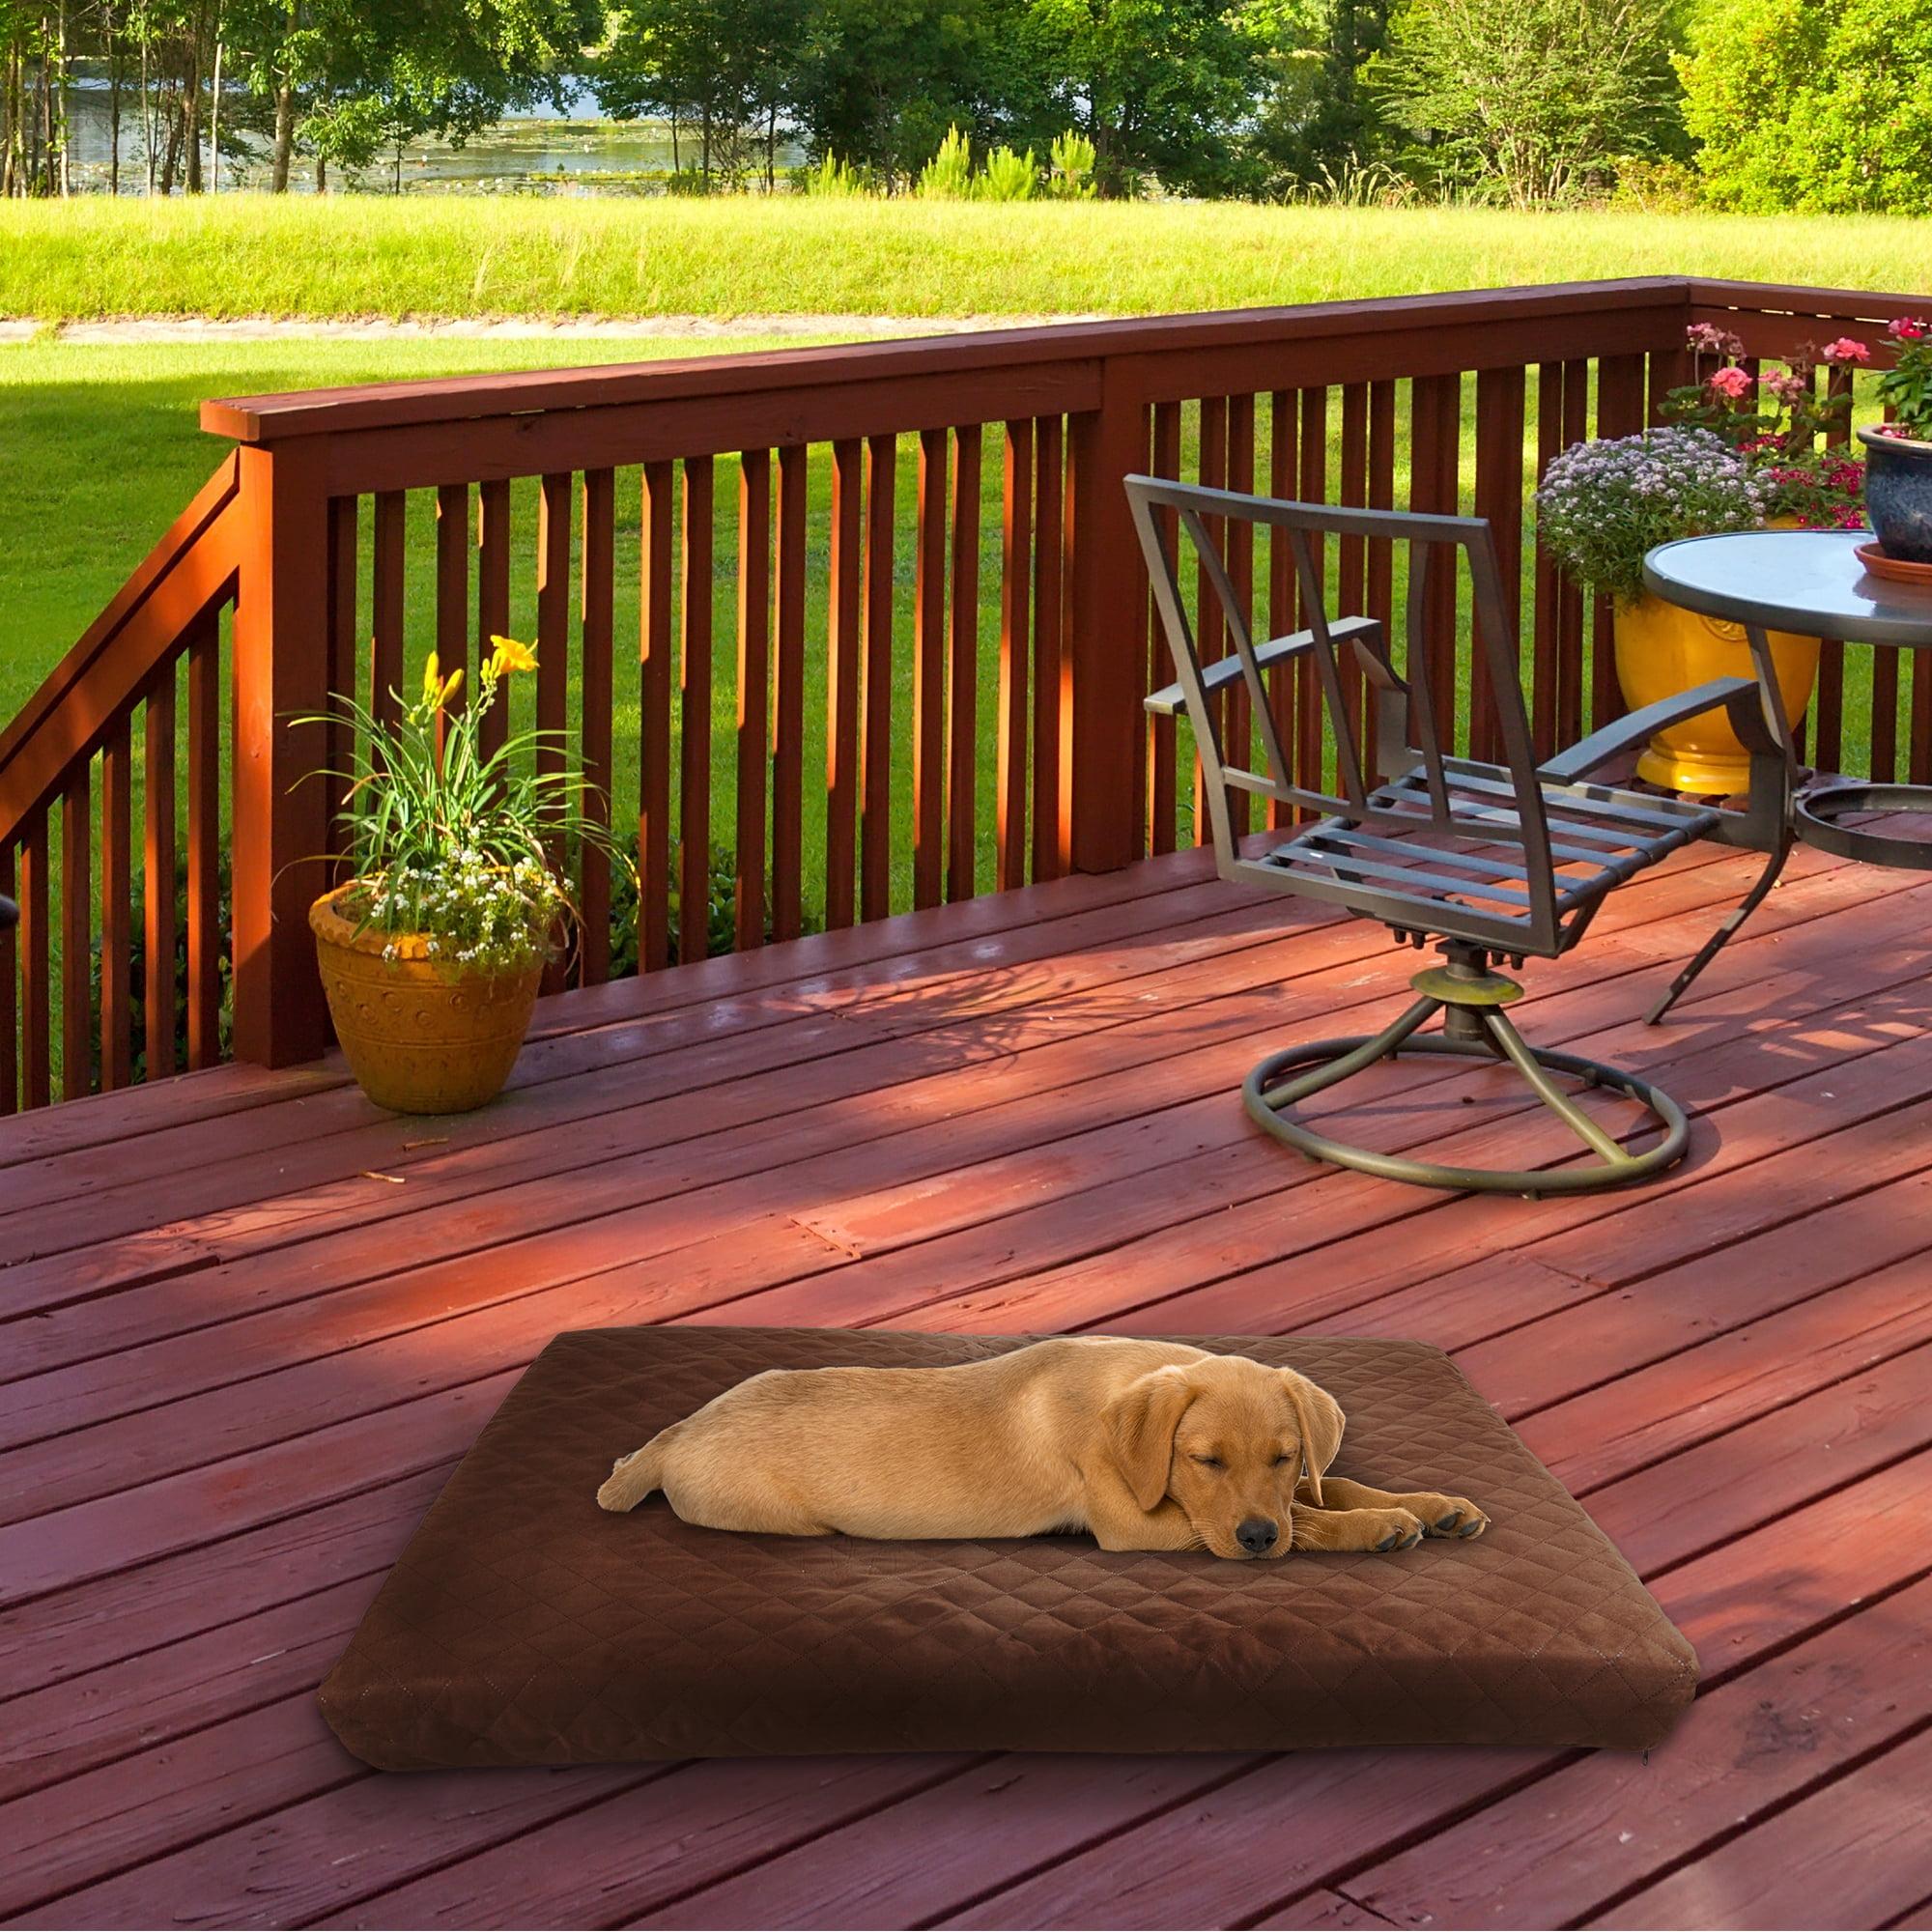 Waterproof Memory Foam Pet Bed Indoor Outdoor Dog Bed With Water